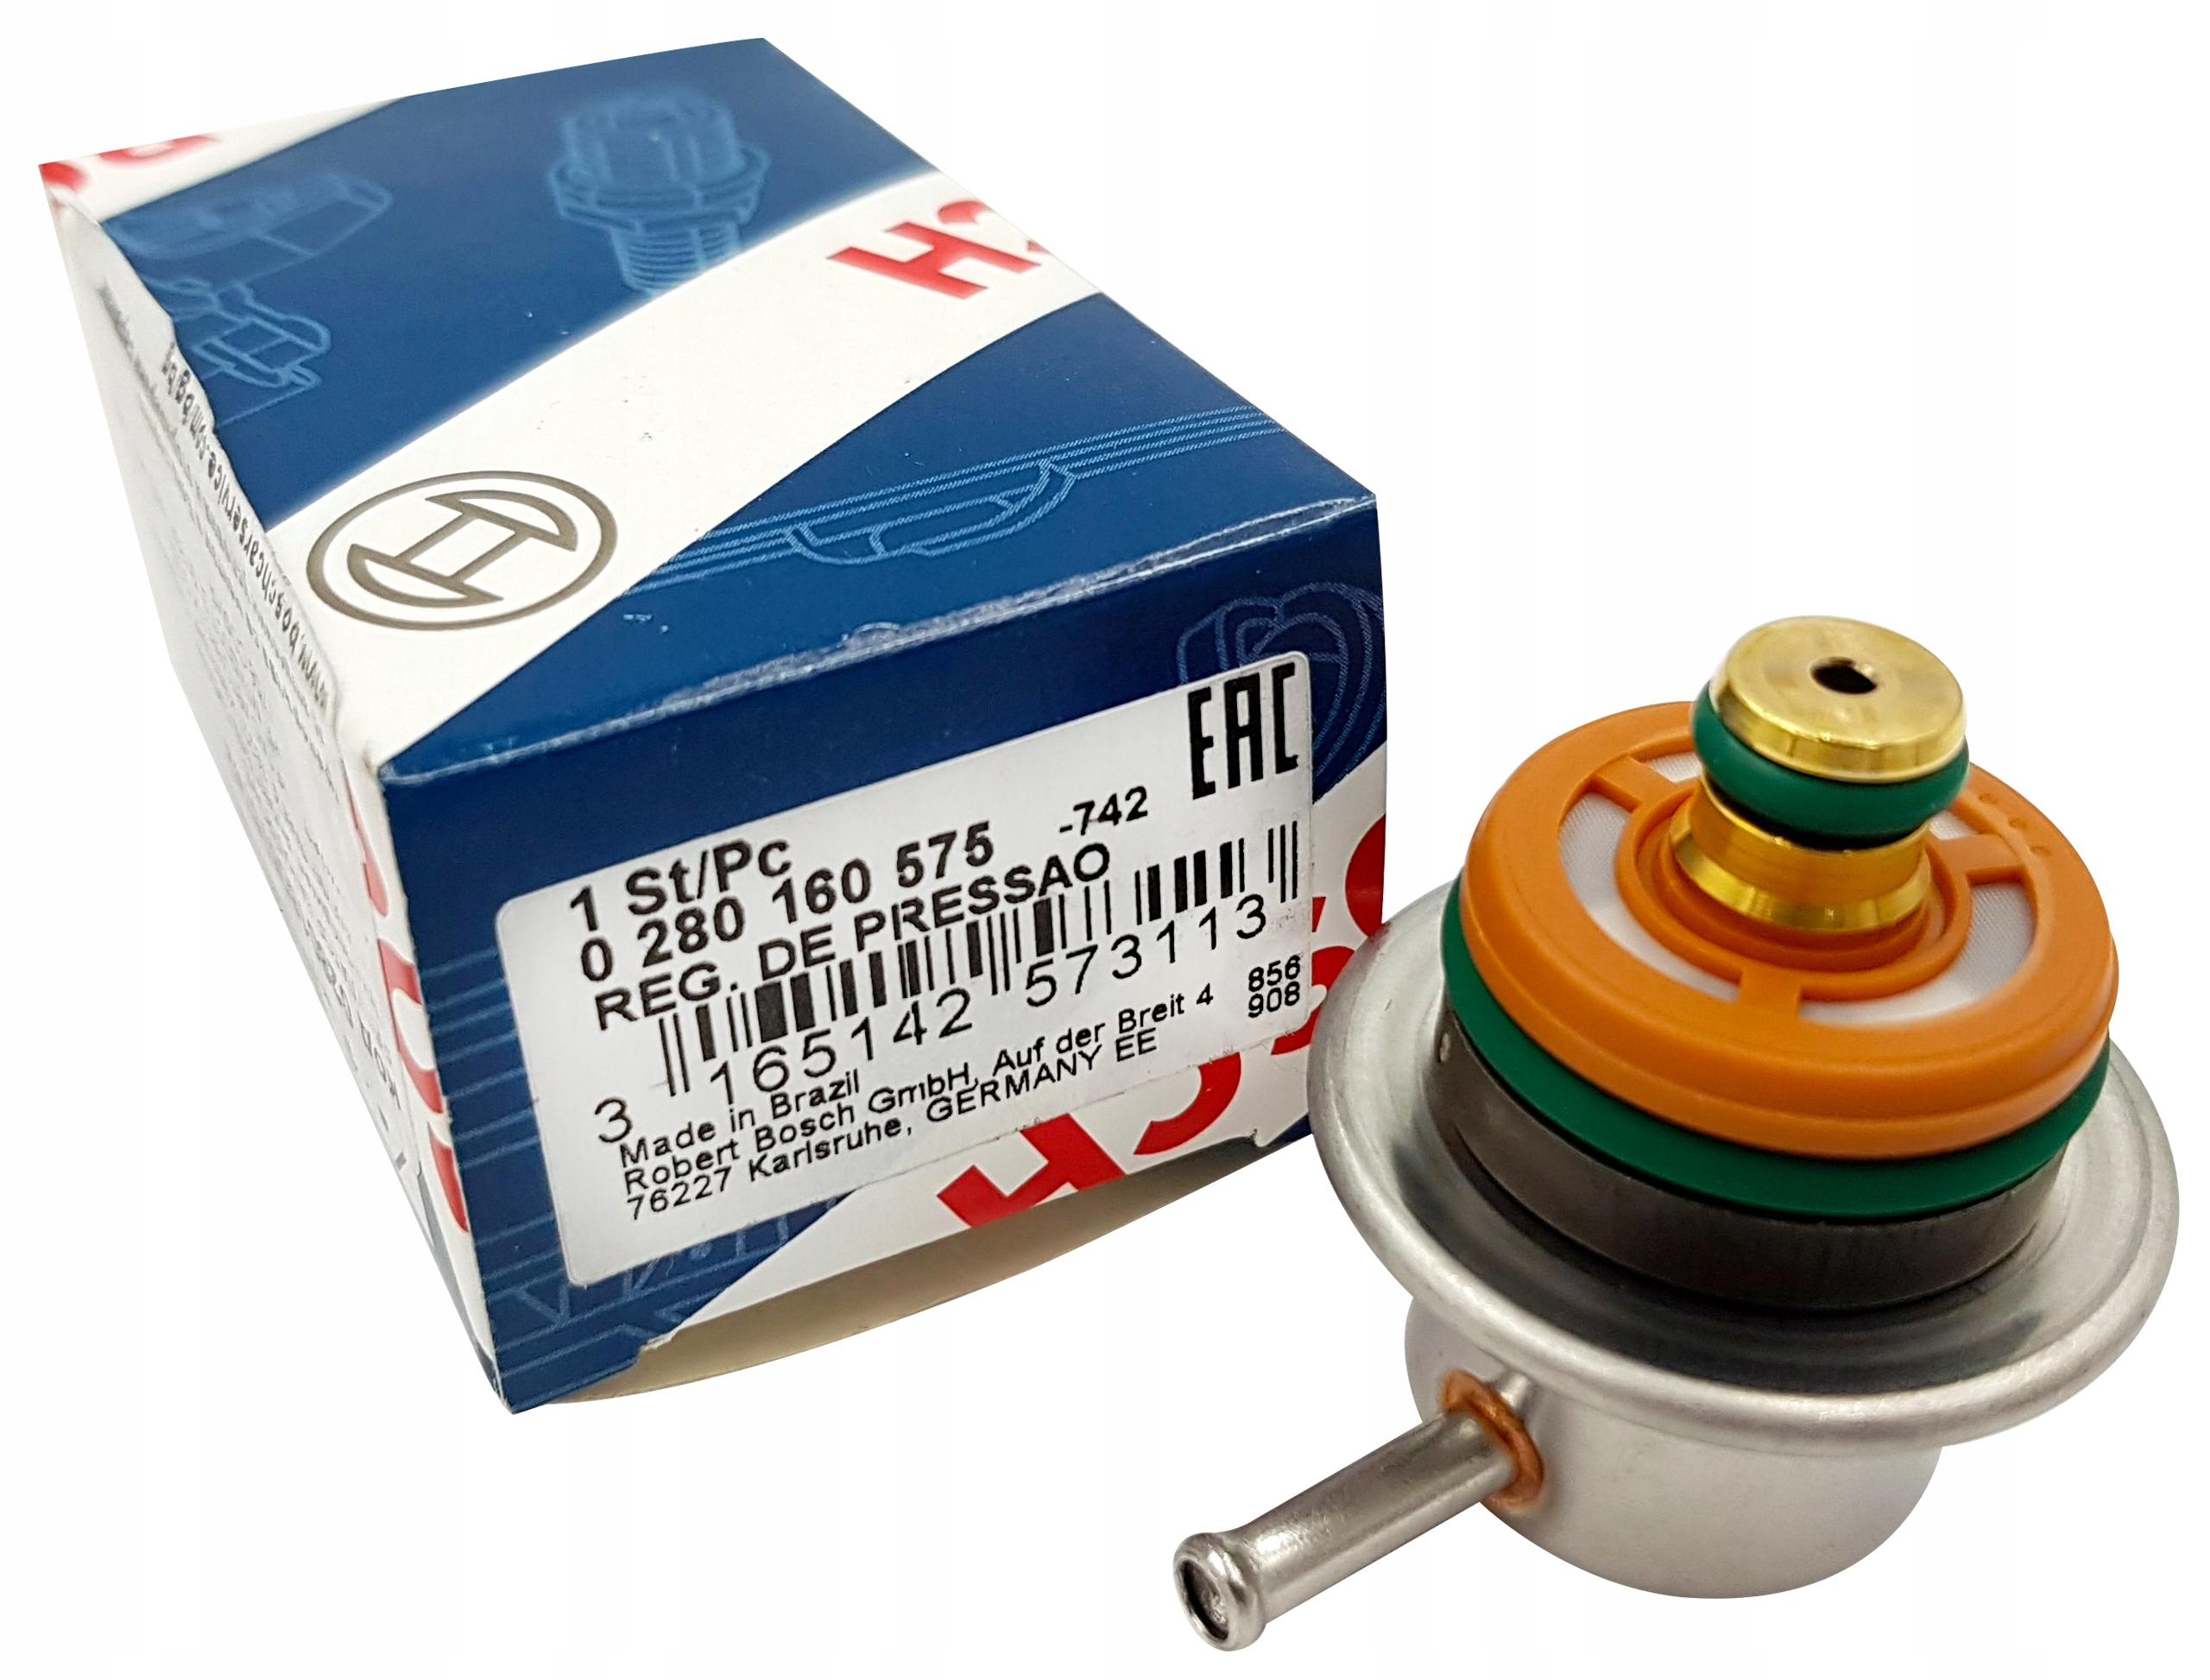 регулятор давления топлива к audi a6 c4 c5 c6